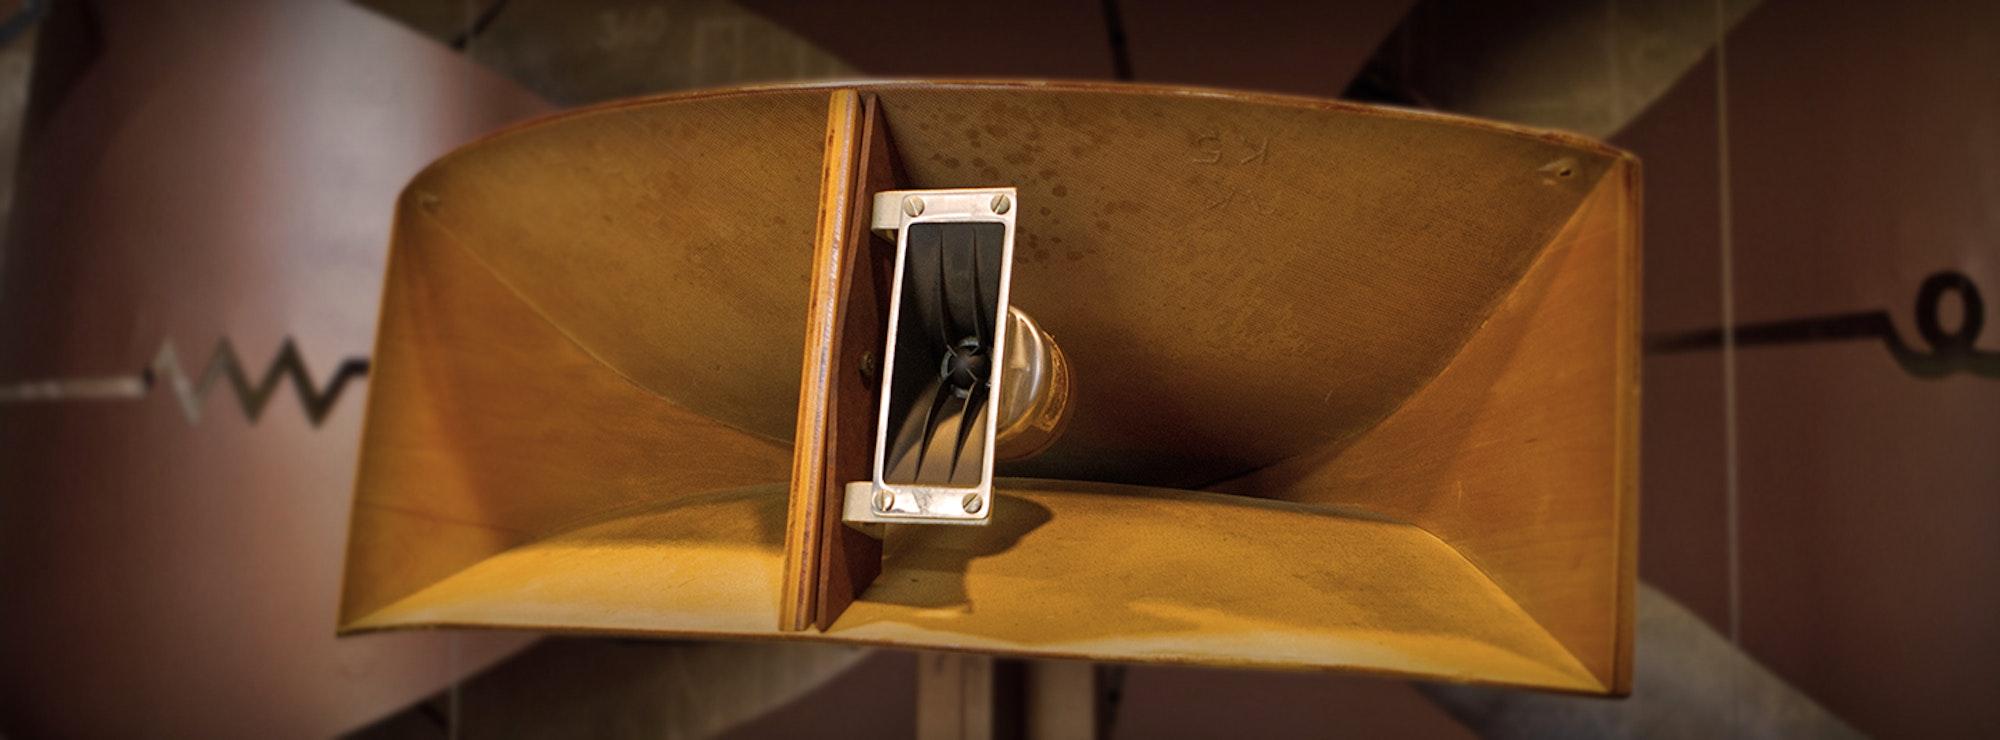 Klipsch speaker pavillon